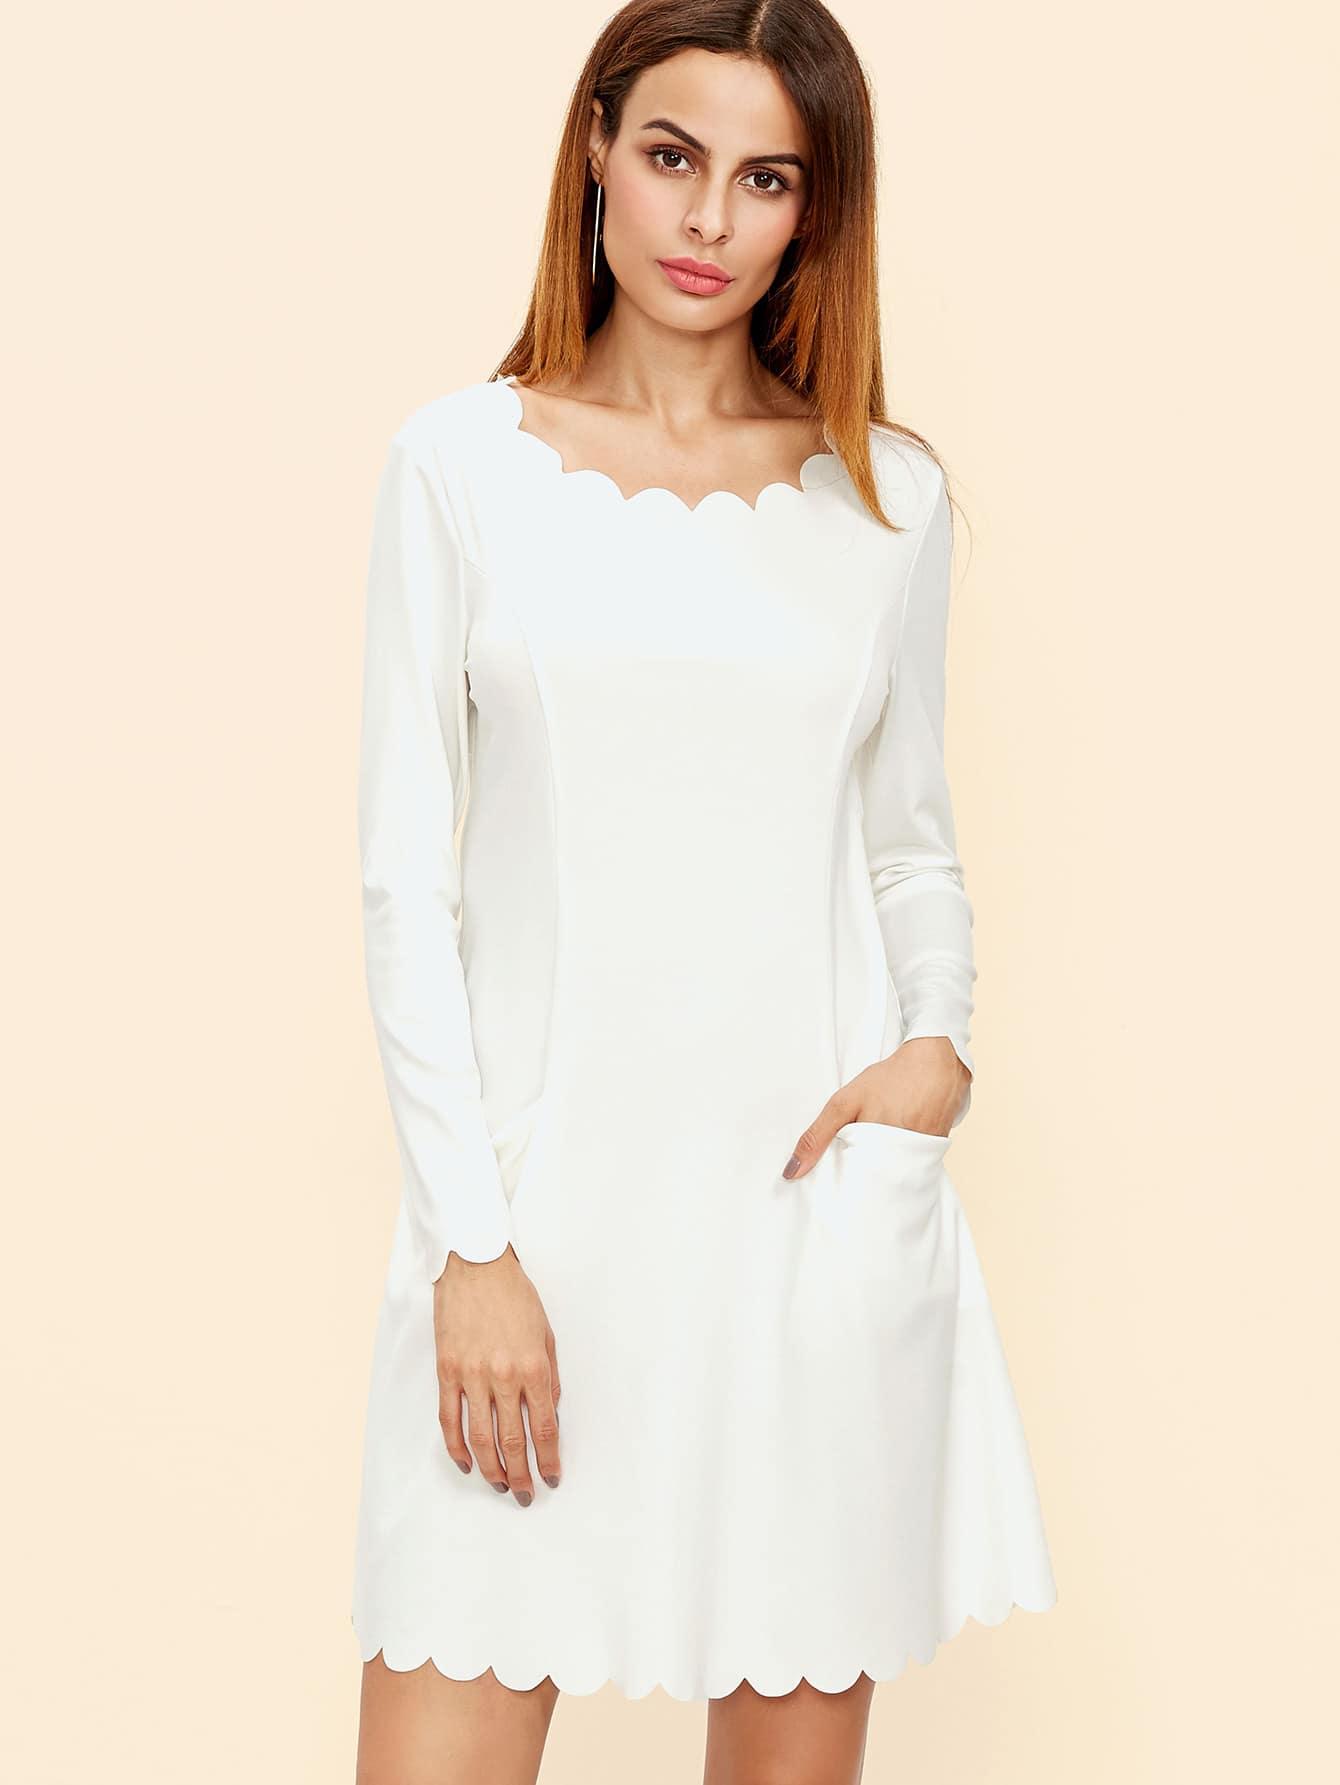 dress161103703_2